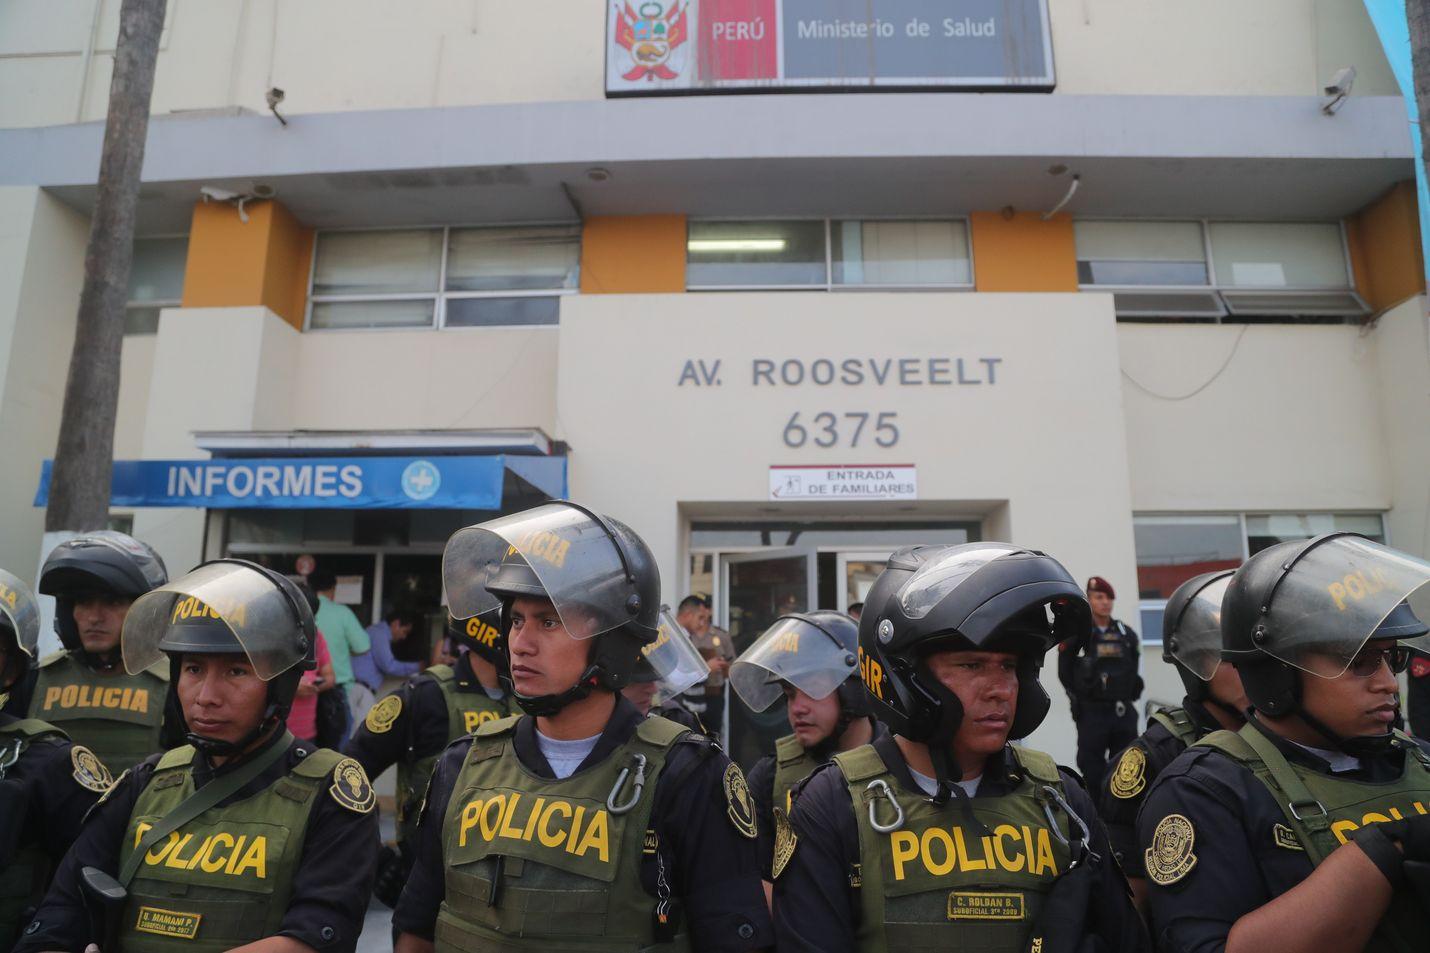 Rynnäkkövarusteisiin pukeutunut poliisi vartioi Casimiro Ulloa -sairaalaa Perun pääkaupungissa Limassa, johon maan ex-presidentti vietiin hoidettavaksi.